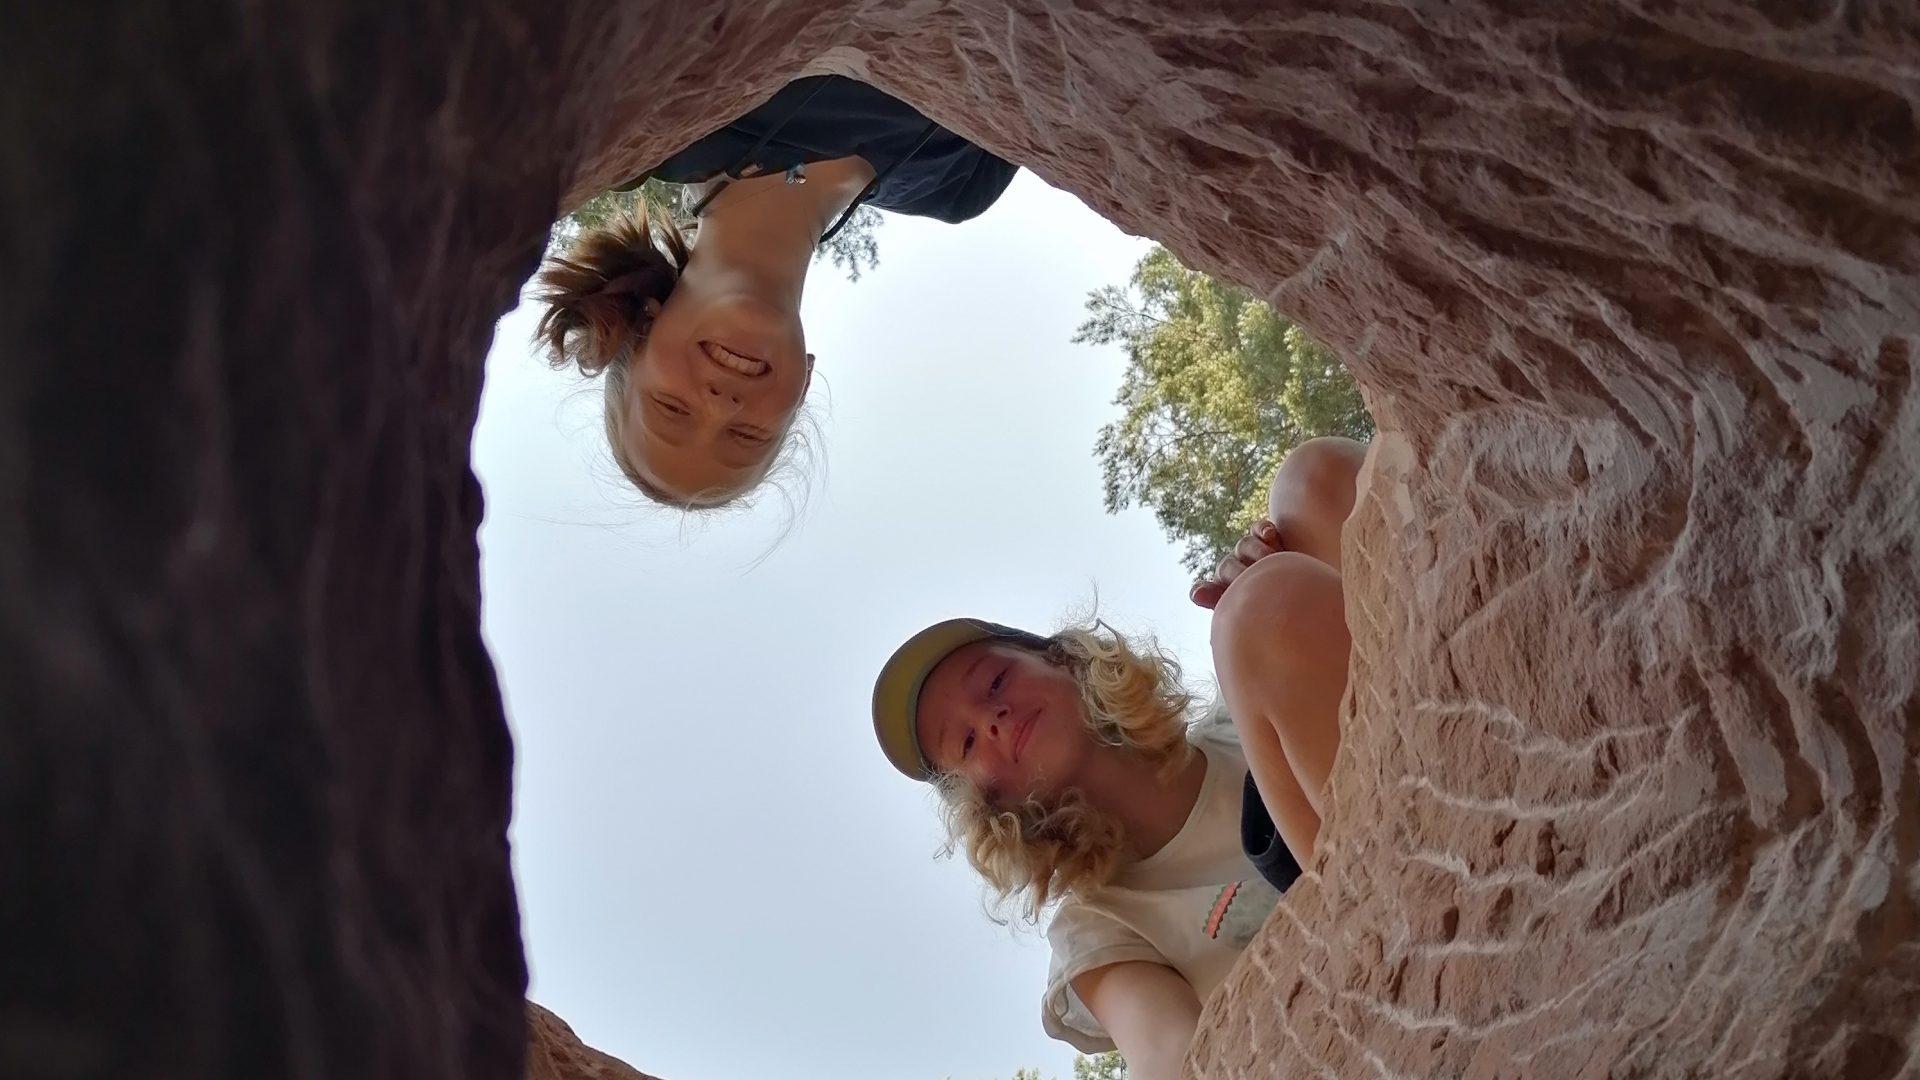 Zwei Mädchen schauen durch ein Steinloch nach unten